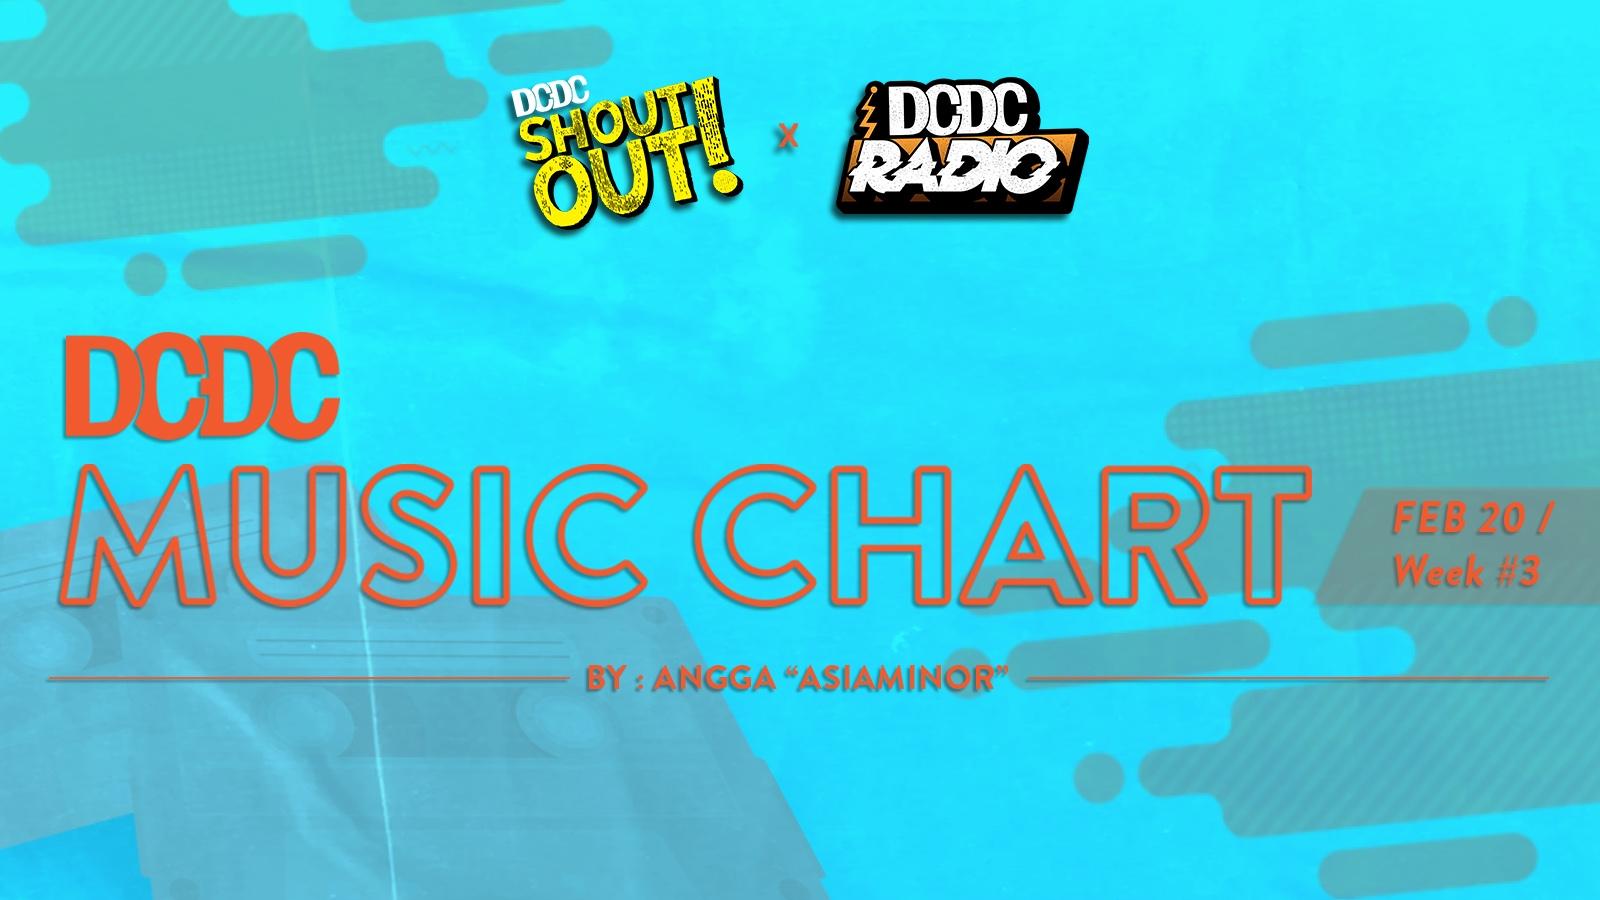 DCDC Music Chart - #3rd Week of Februari 2020